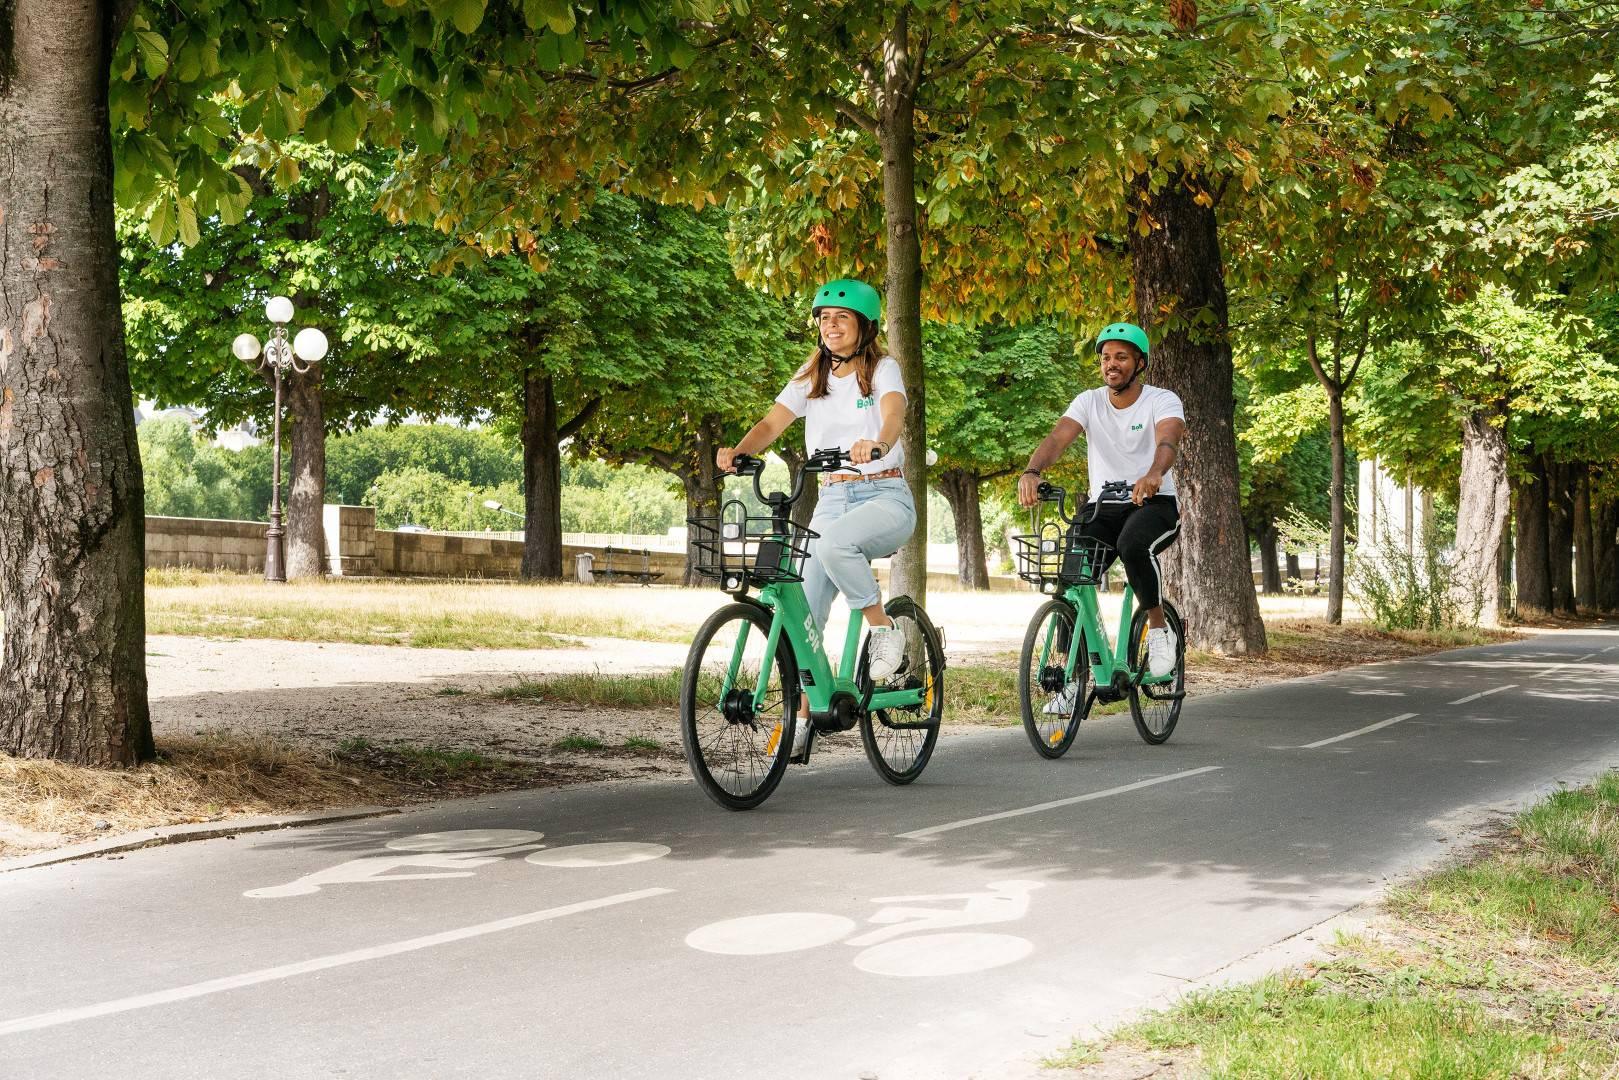 Nakon romobila, Bolt sada nudi i dijeljenje električnih bicikala